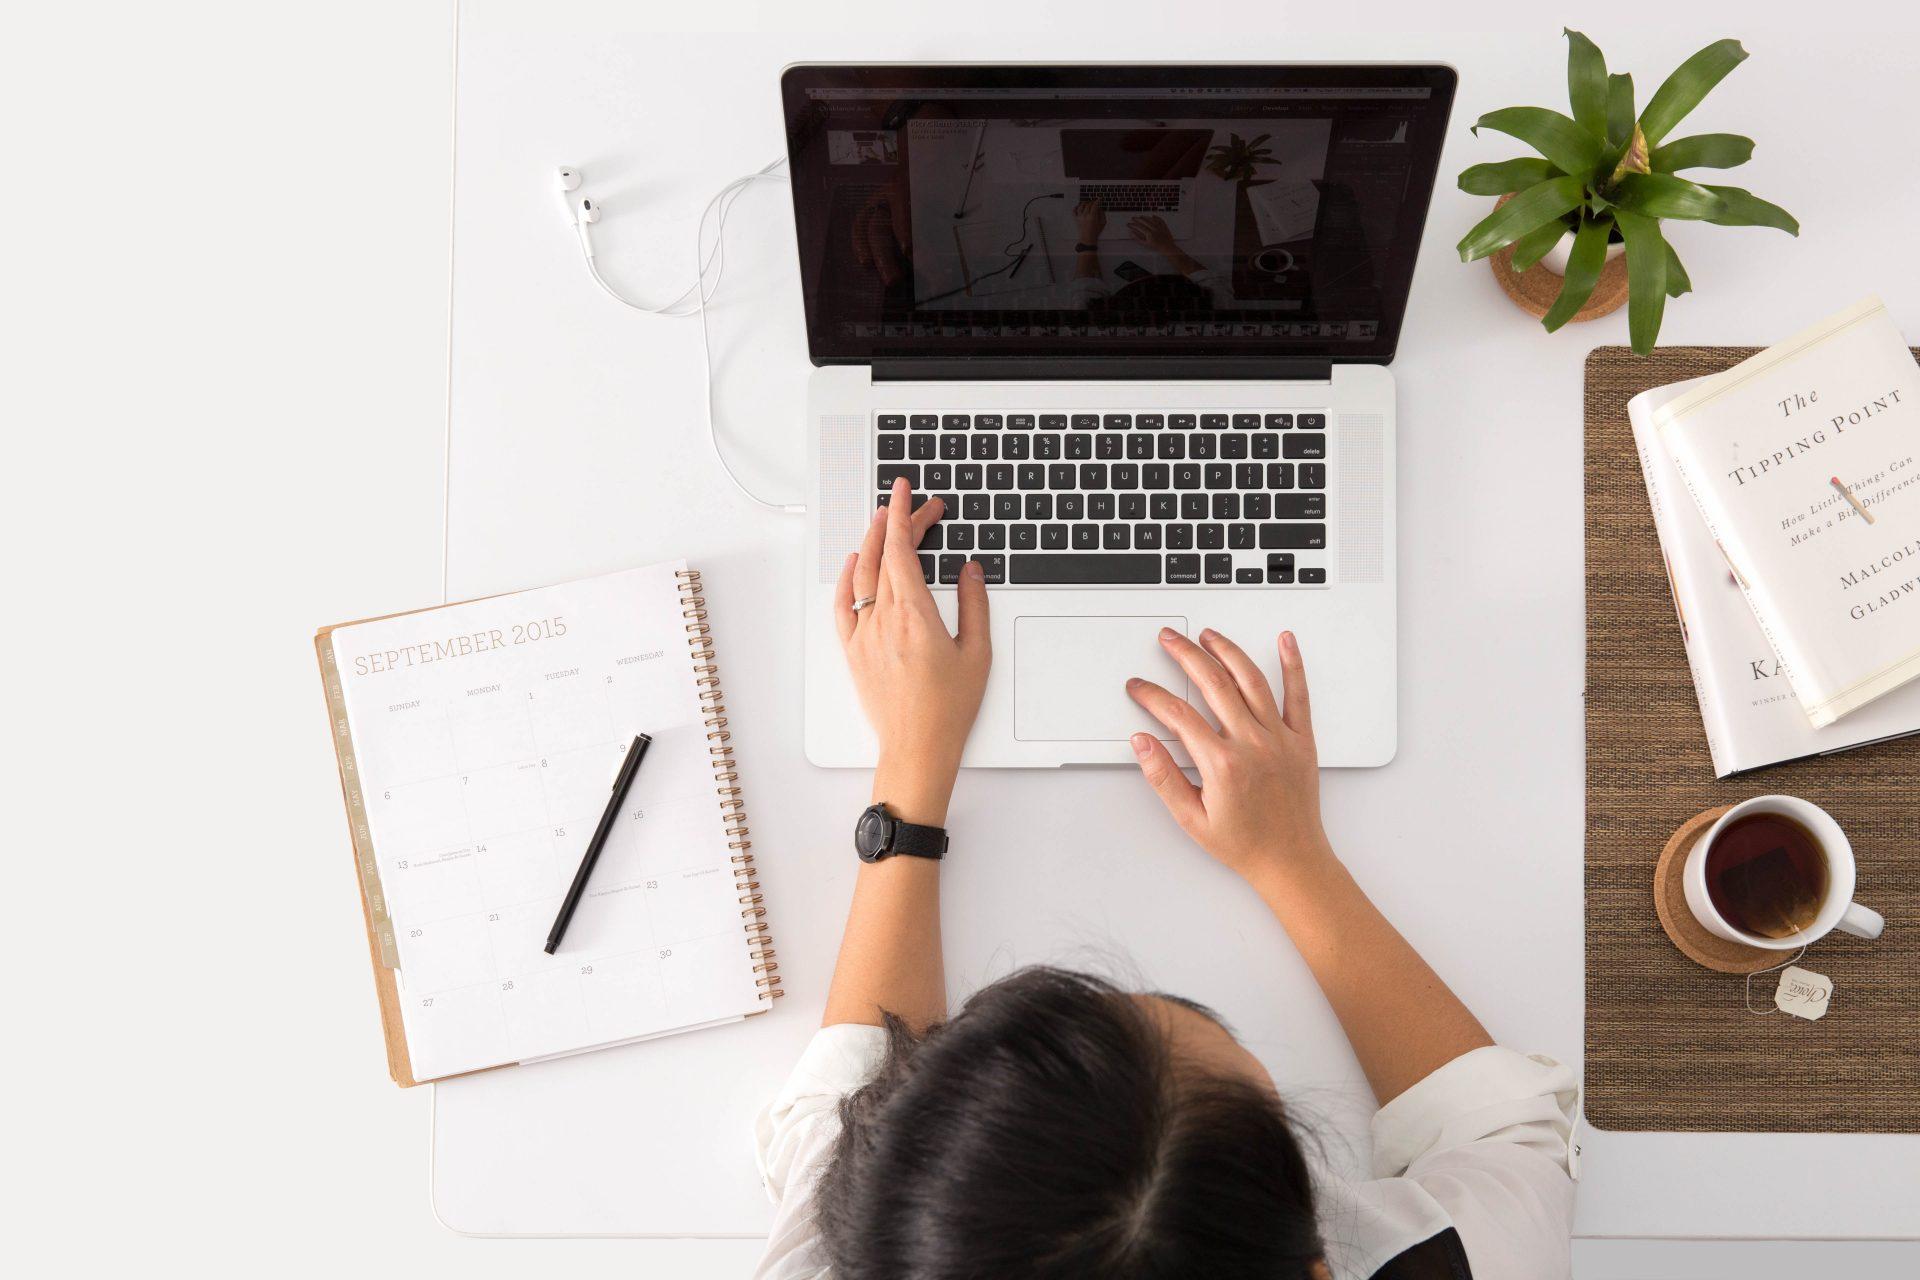 vrouw van bovenaf gezien werkt aan laptop, naast haar een blok met pen door Avel Chuklanov via Unsplash